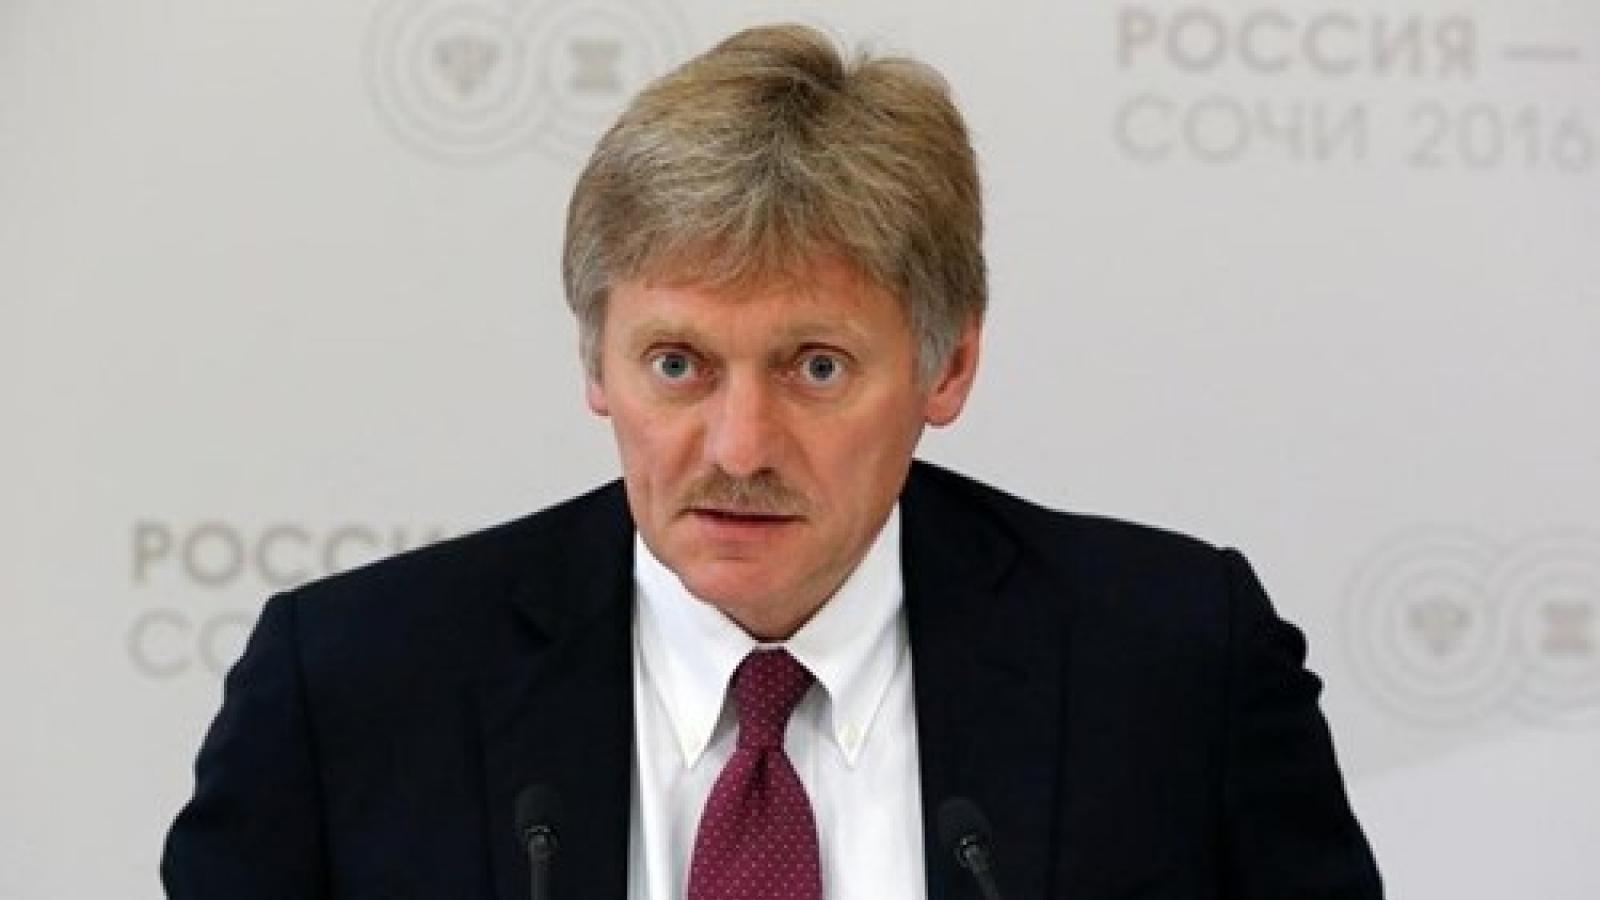 Điện Kremlin bác bỏ có thông tin về kế hoạch hòa giải ở Donbass